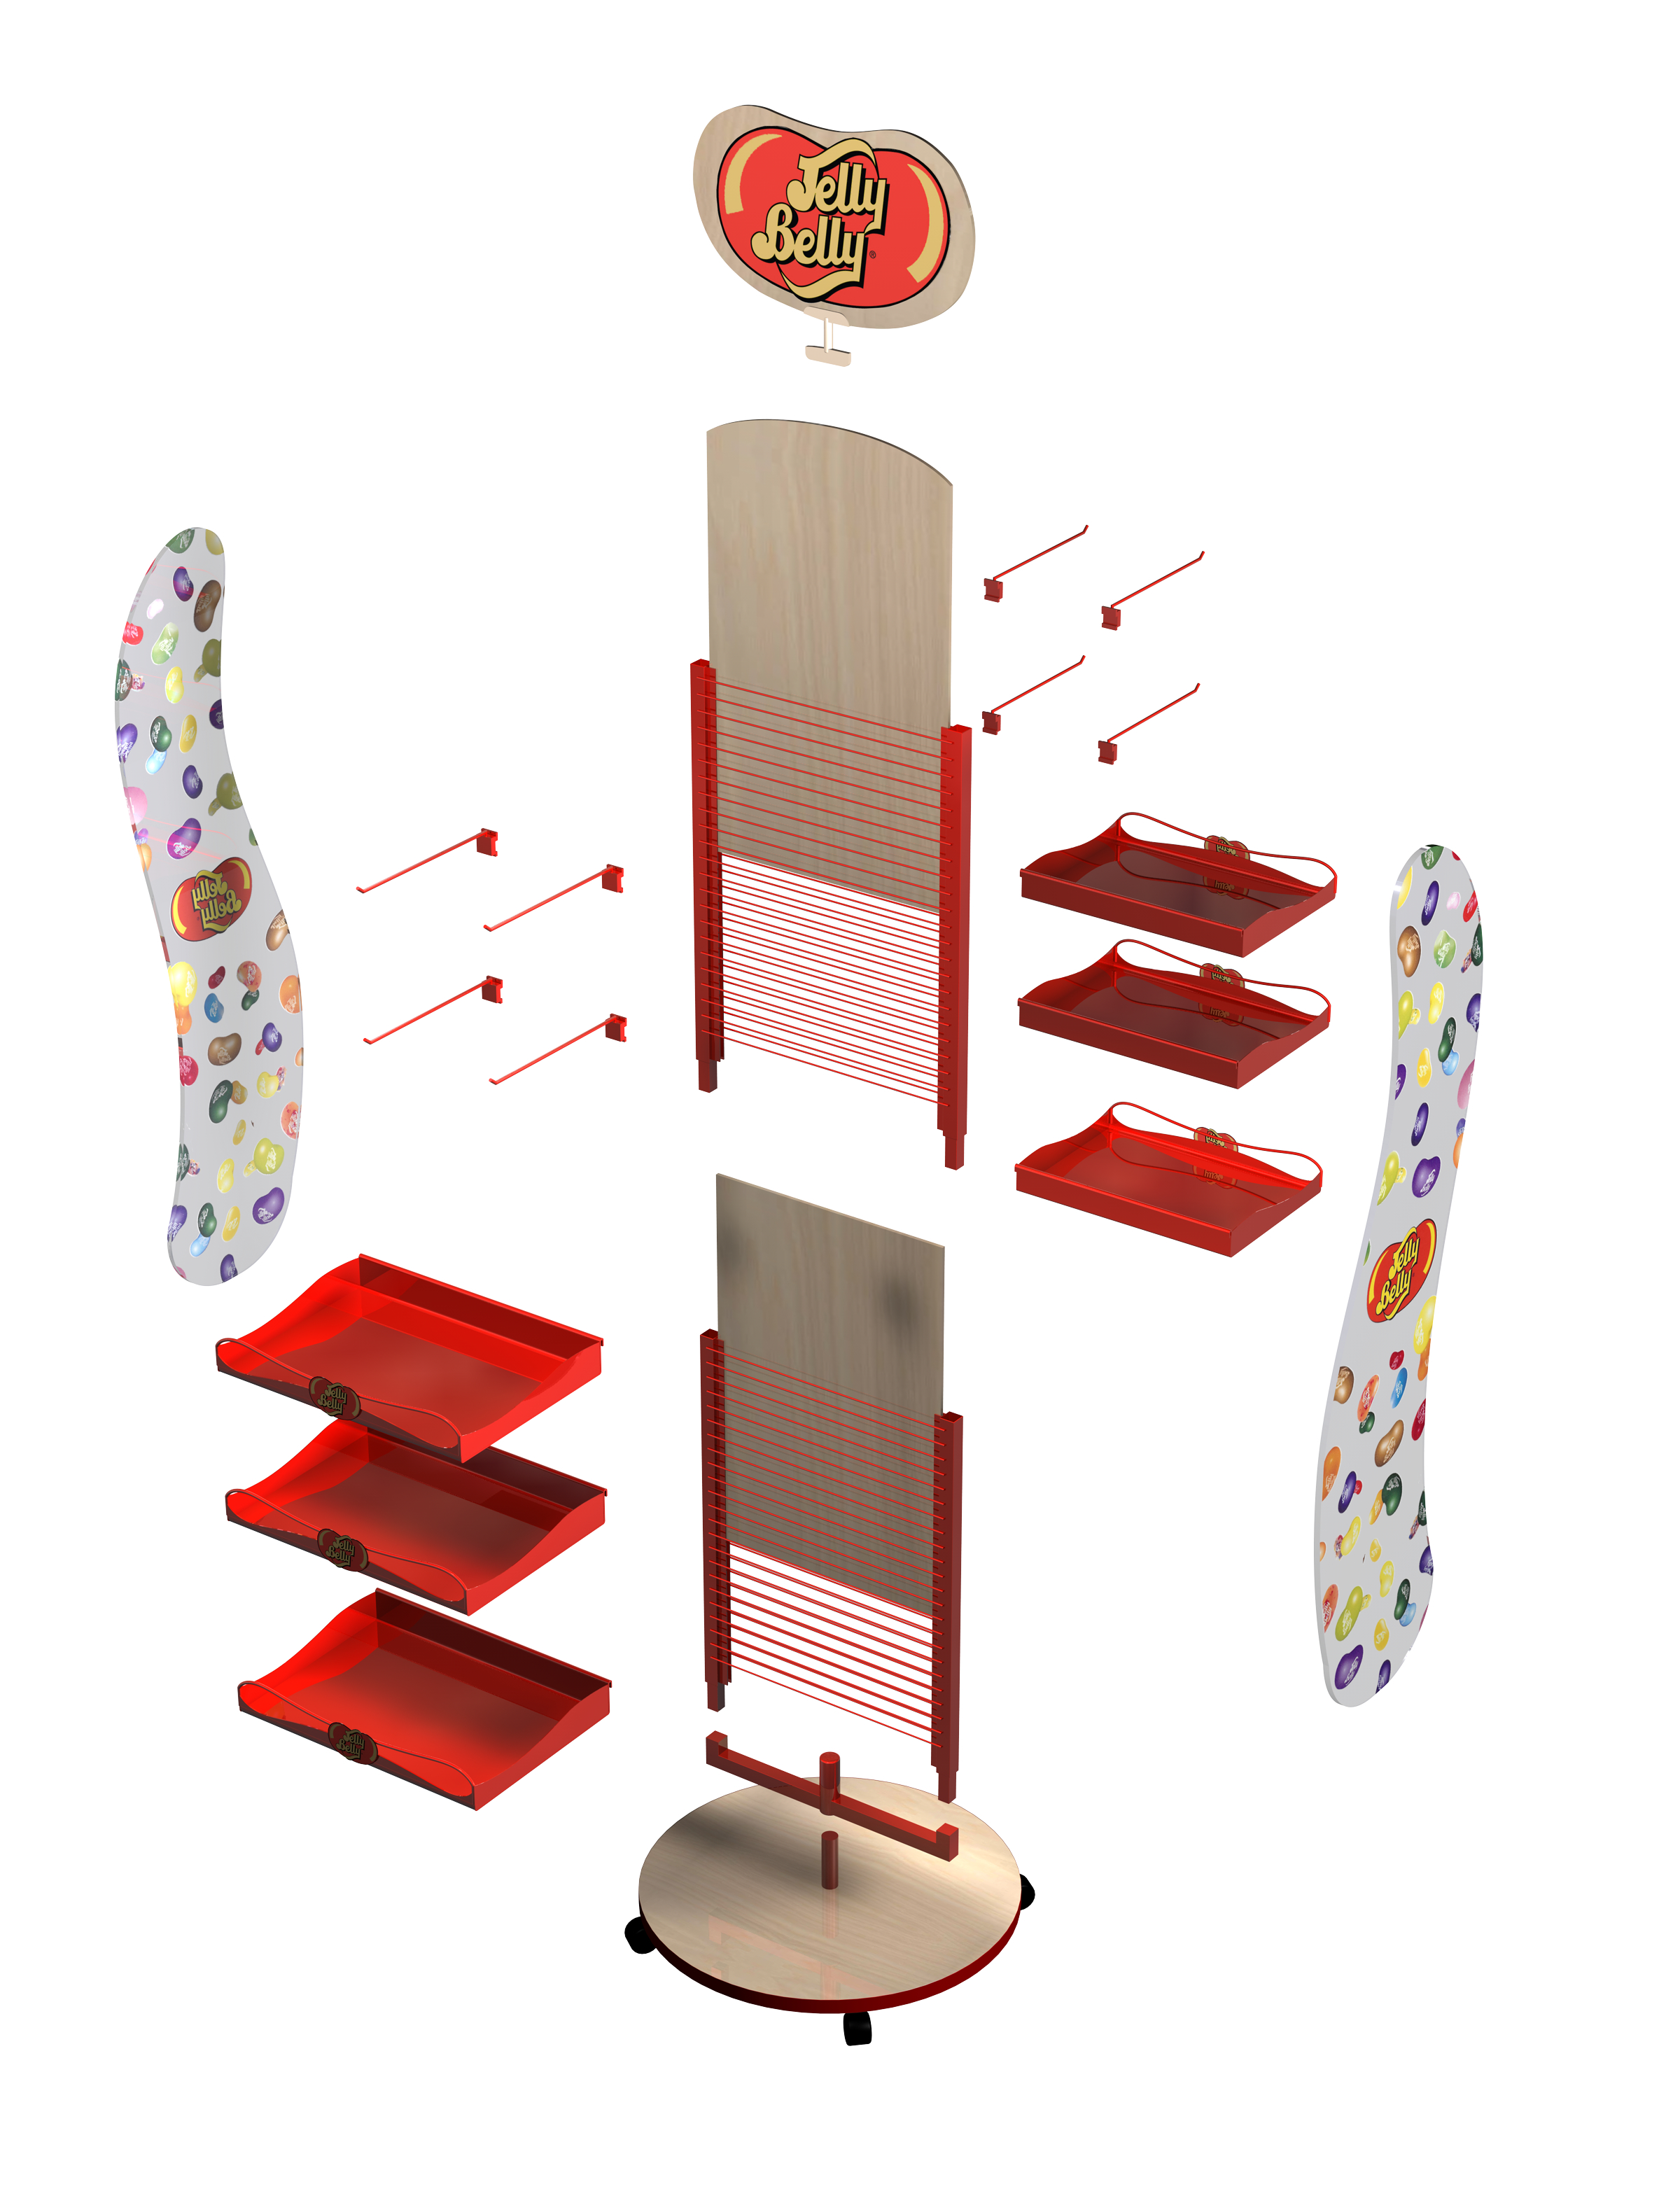 Jelly Belly FloorstandB7xp.jpg